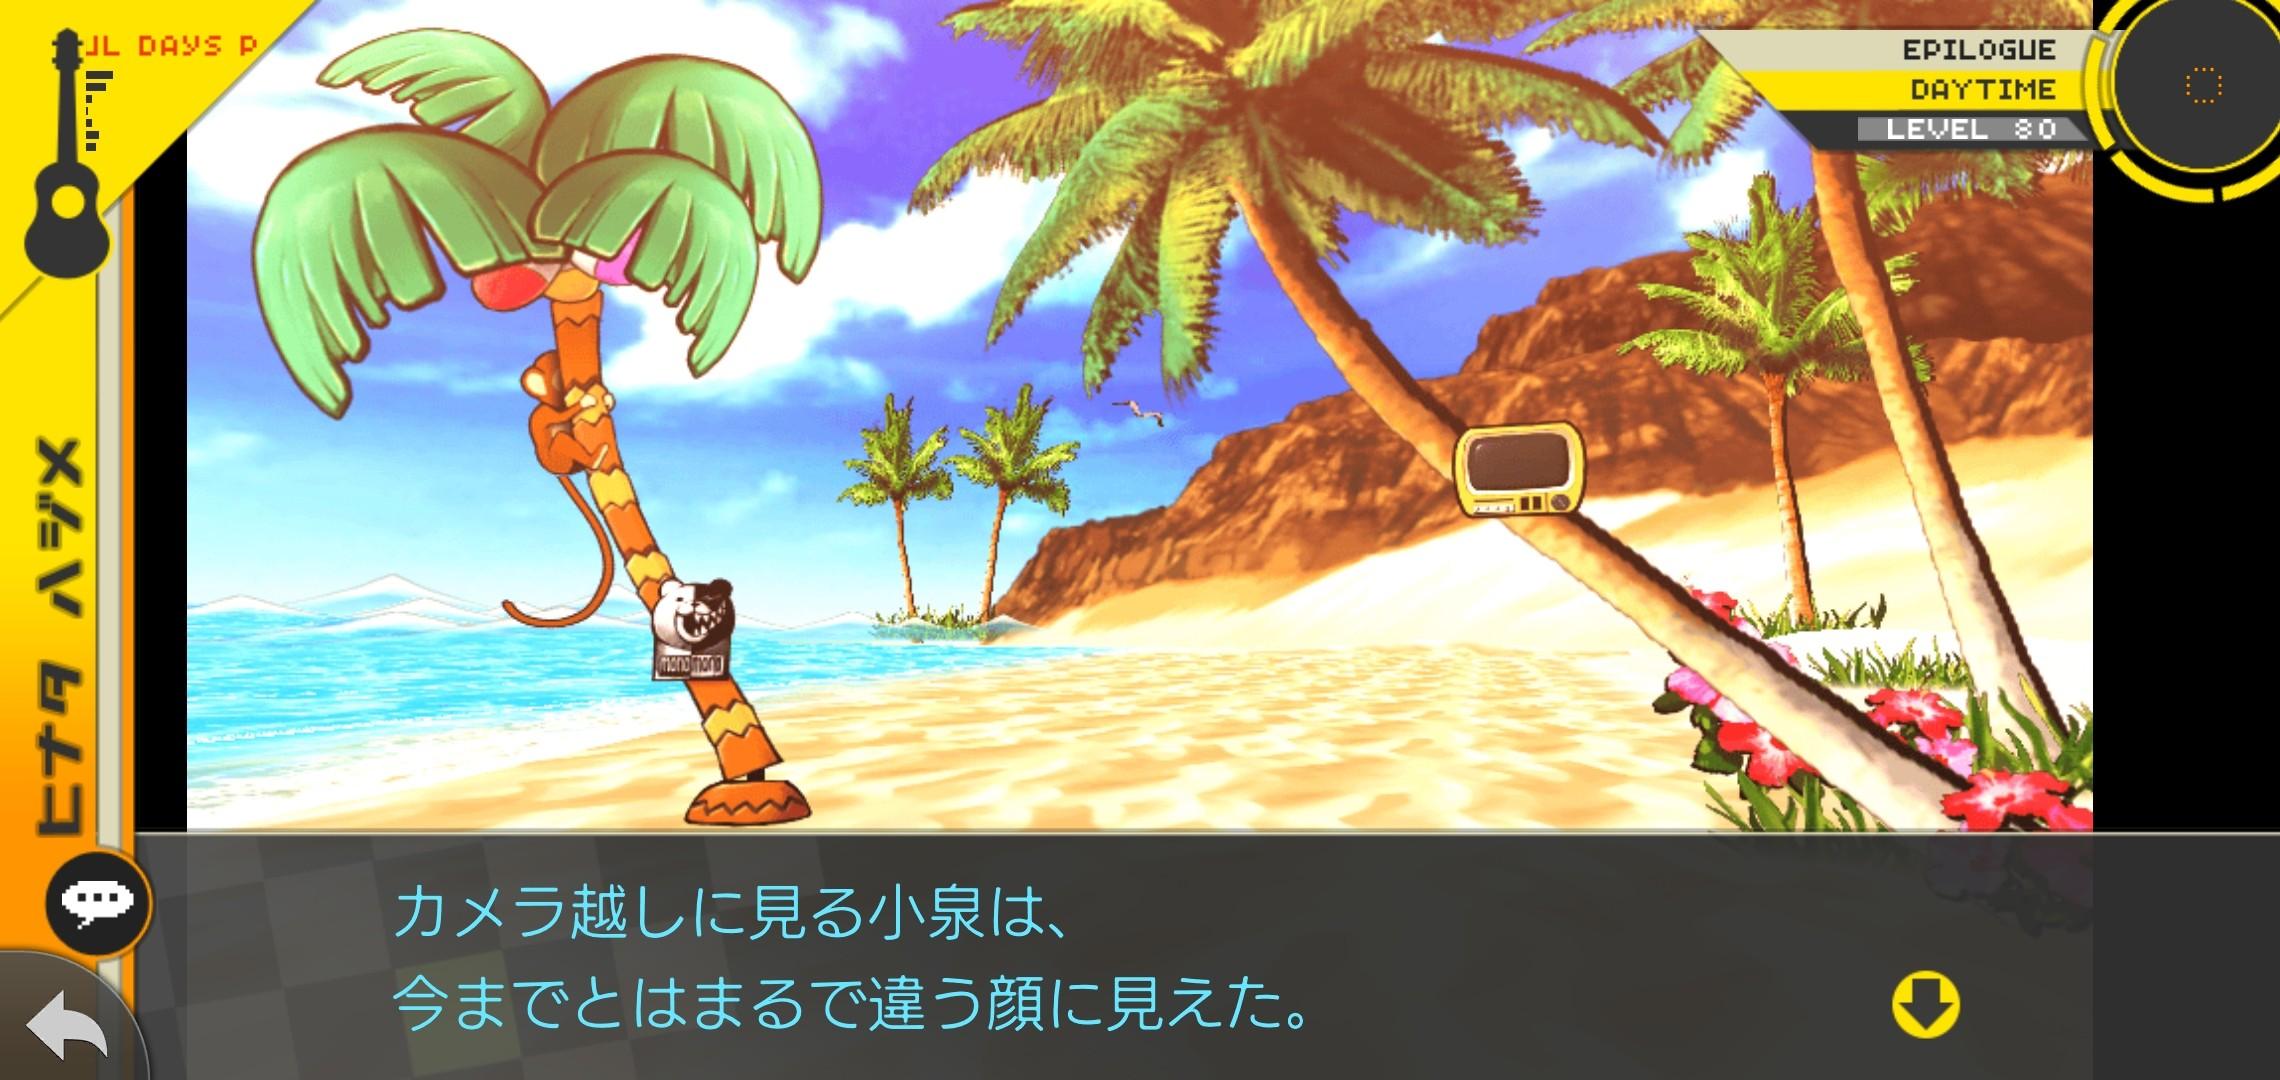 f:id:Rinburu:20201208001558j:plain